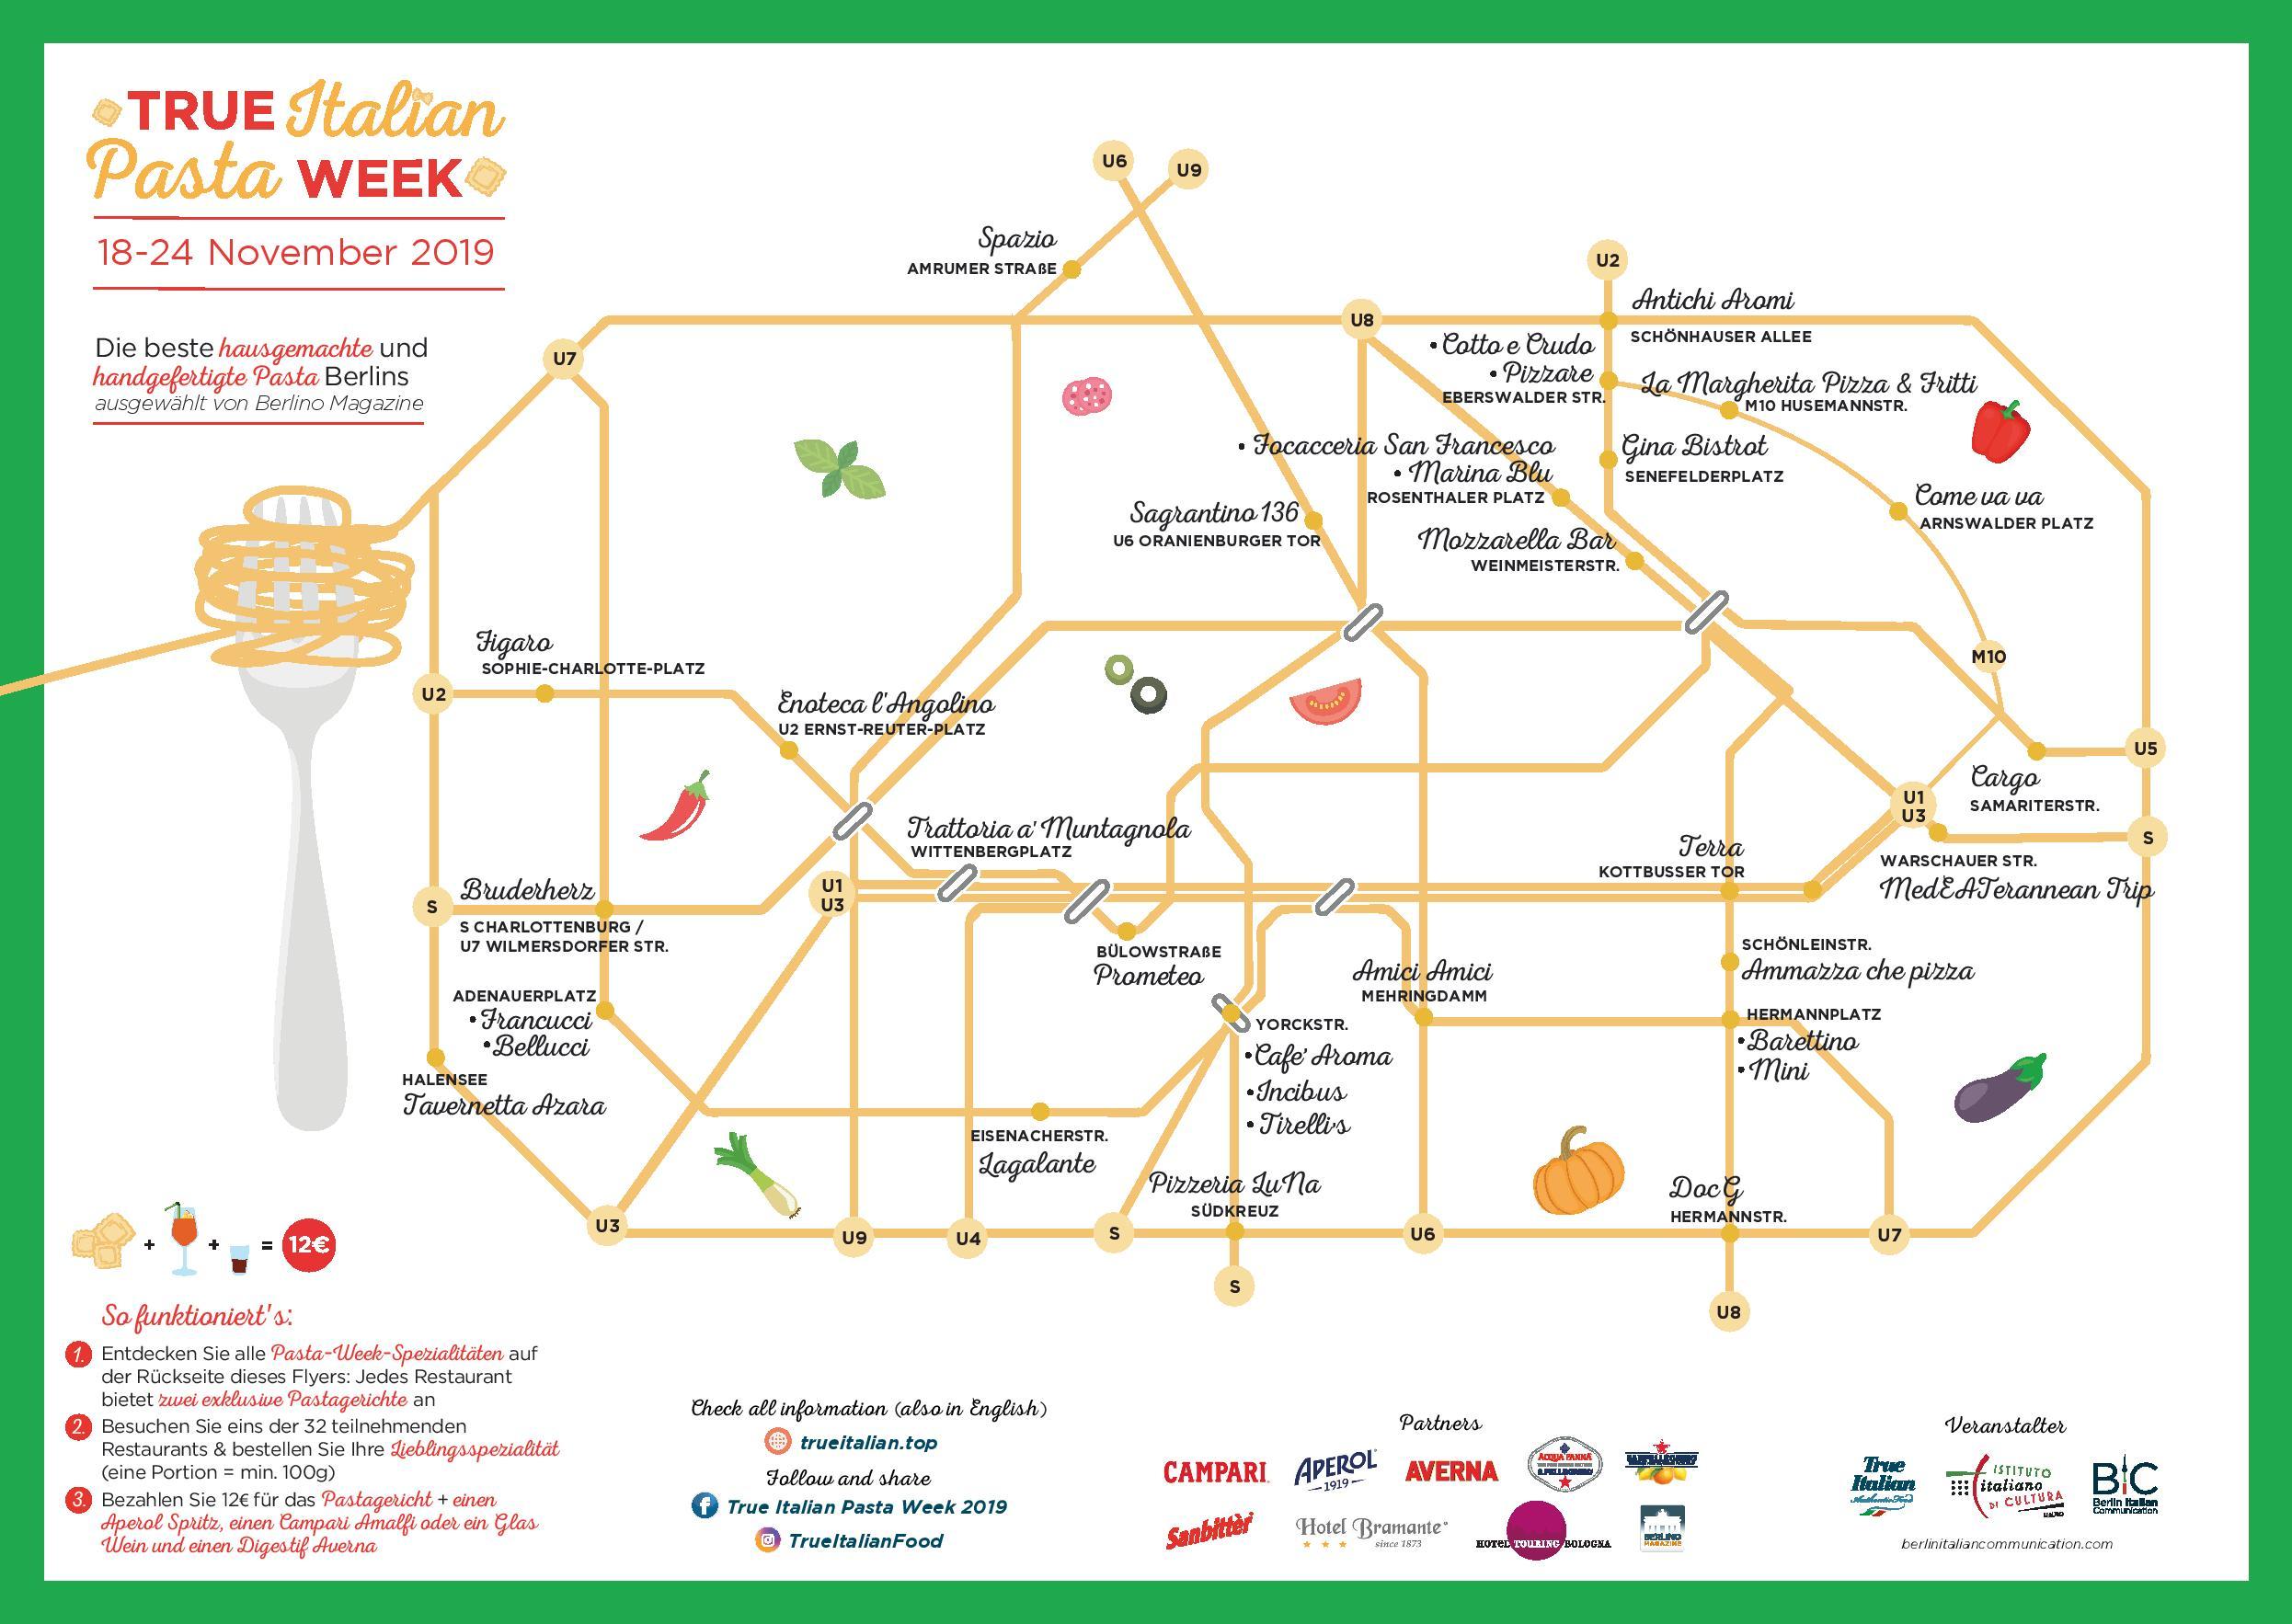 Mapa de la ciudad de Berlín con los restaurantes participantes del Pasta Week.